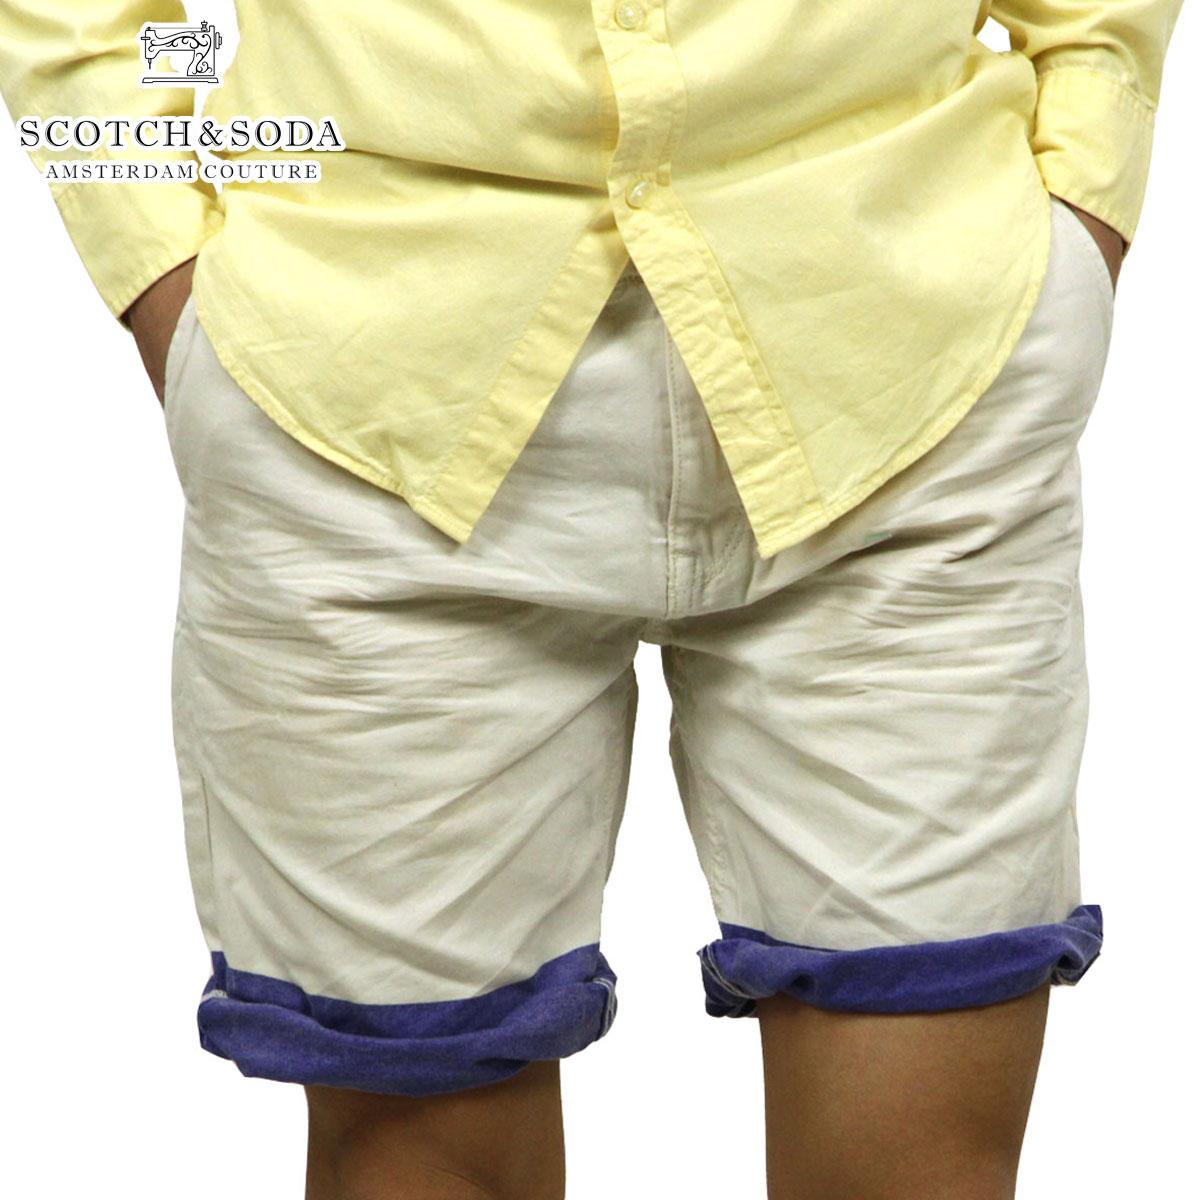 【販売期間 4/19 10:00〜4/26 09:59】 スコッチアンドソーダ SCOTCH&SODA 正規販売店 メンズ ショートパンツ Freeman Chino short - Canvas Garment Dyes 87093 13 D15S25